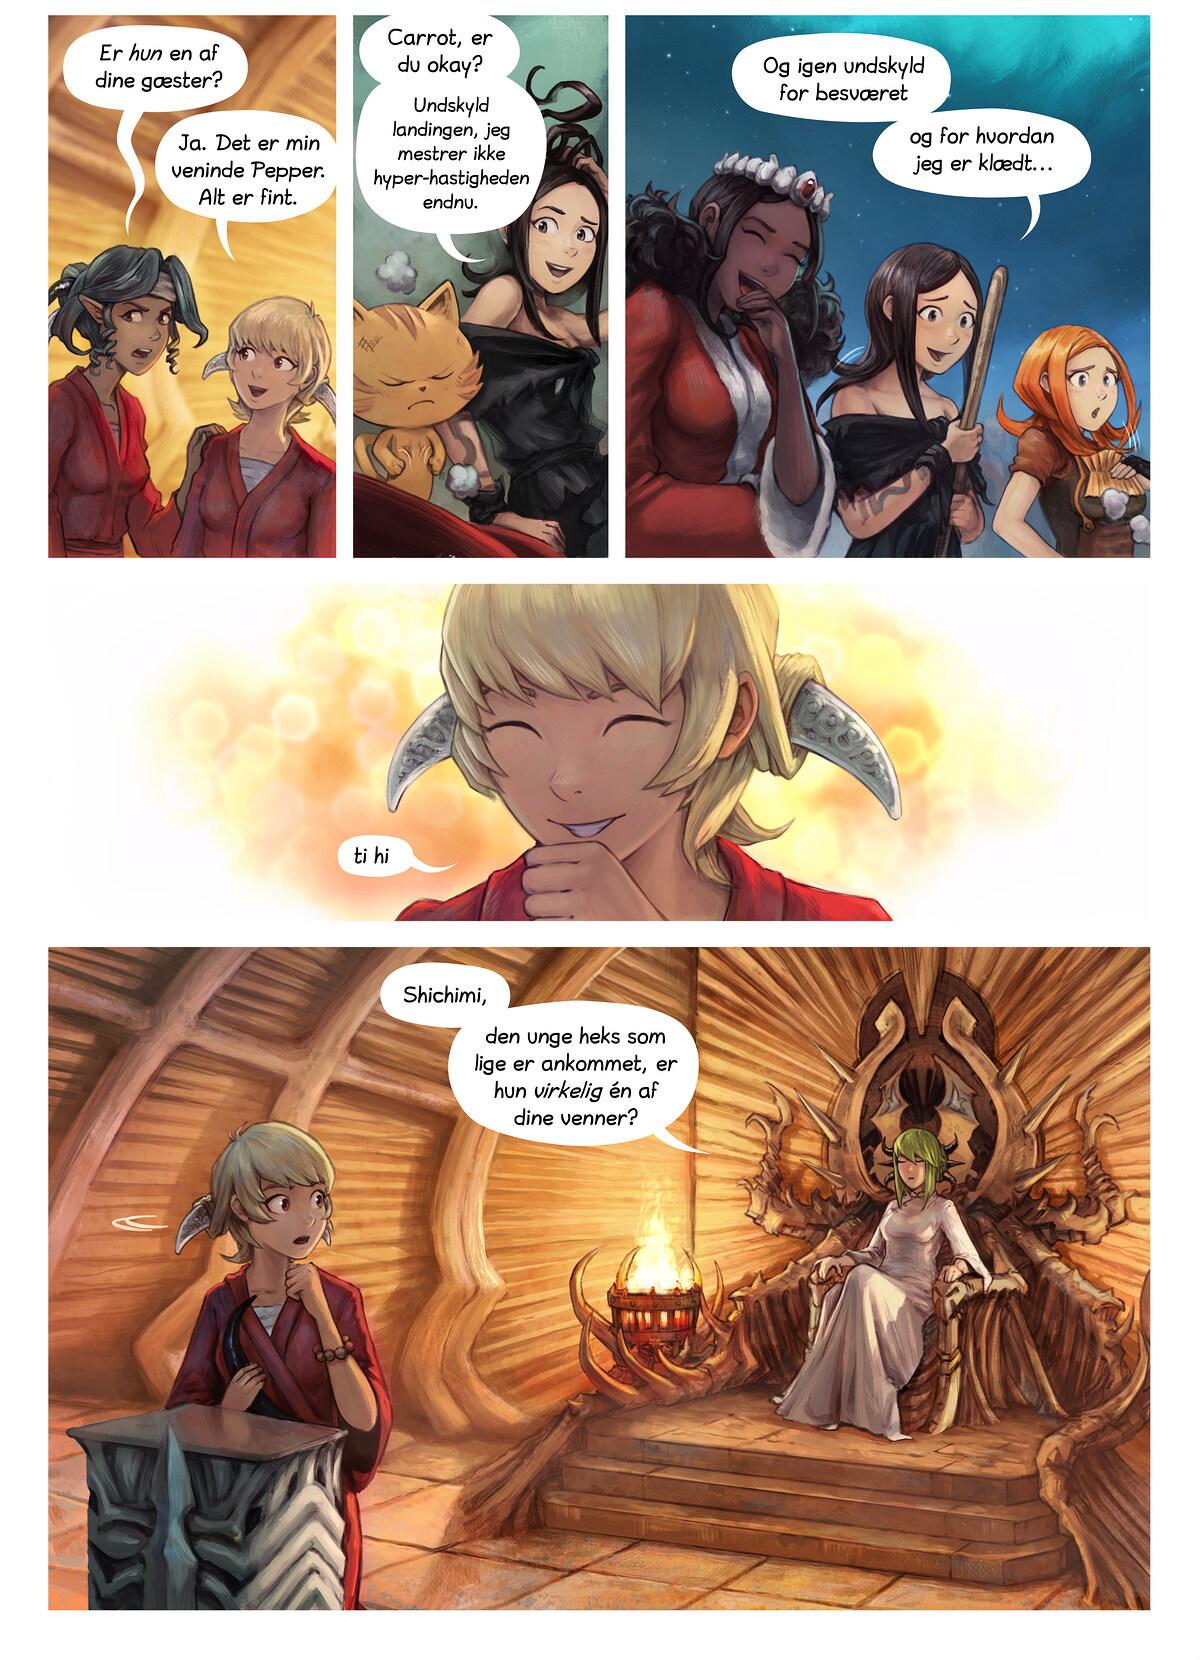 Episode 34: Shichimi slås til ridder, Page 3